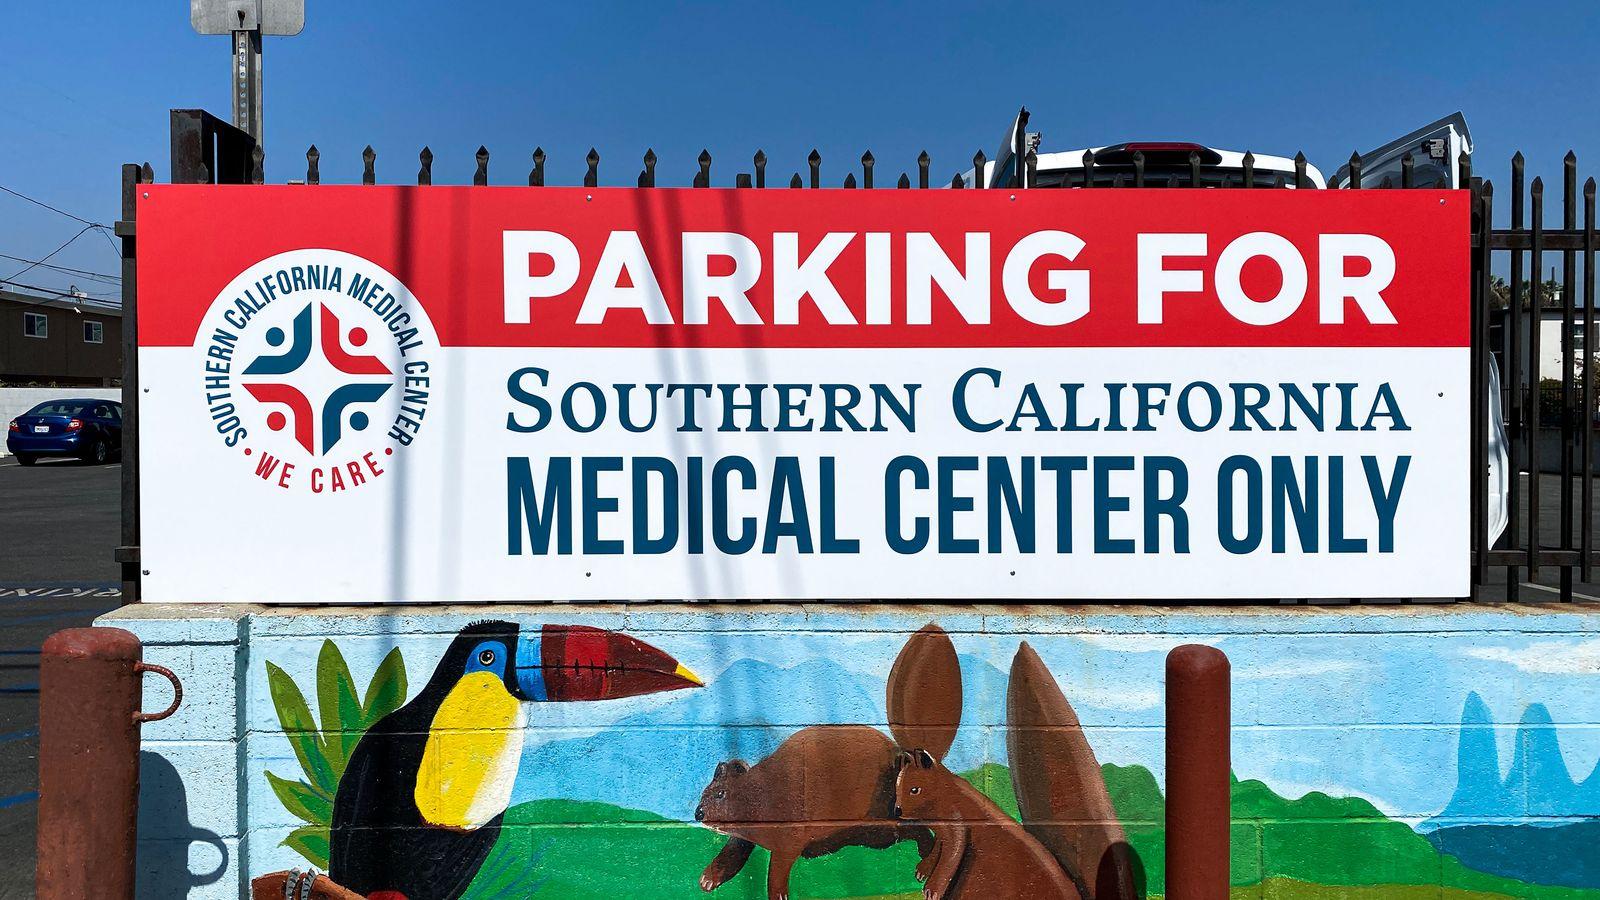 Medical center parking sign